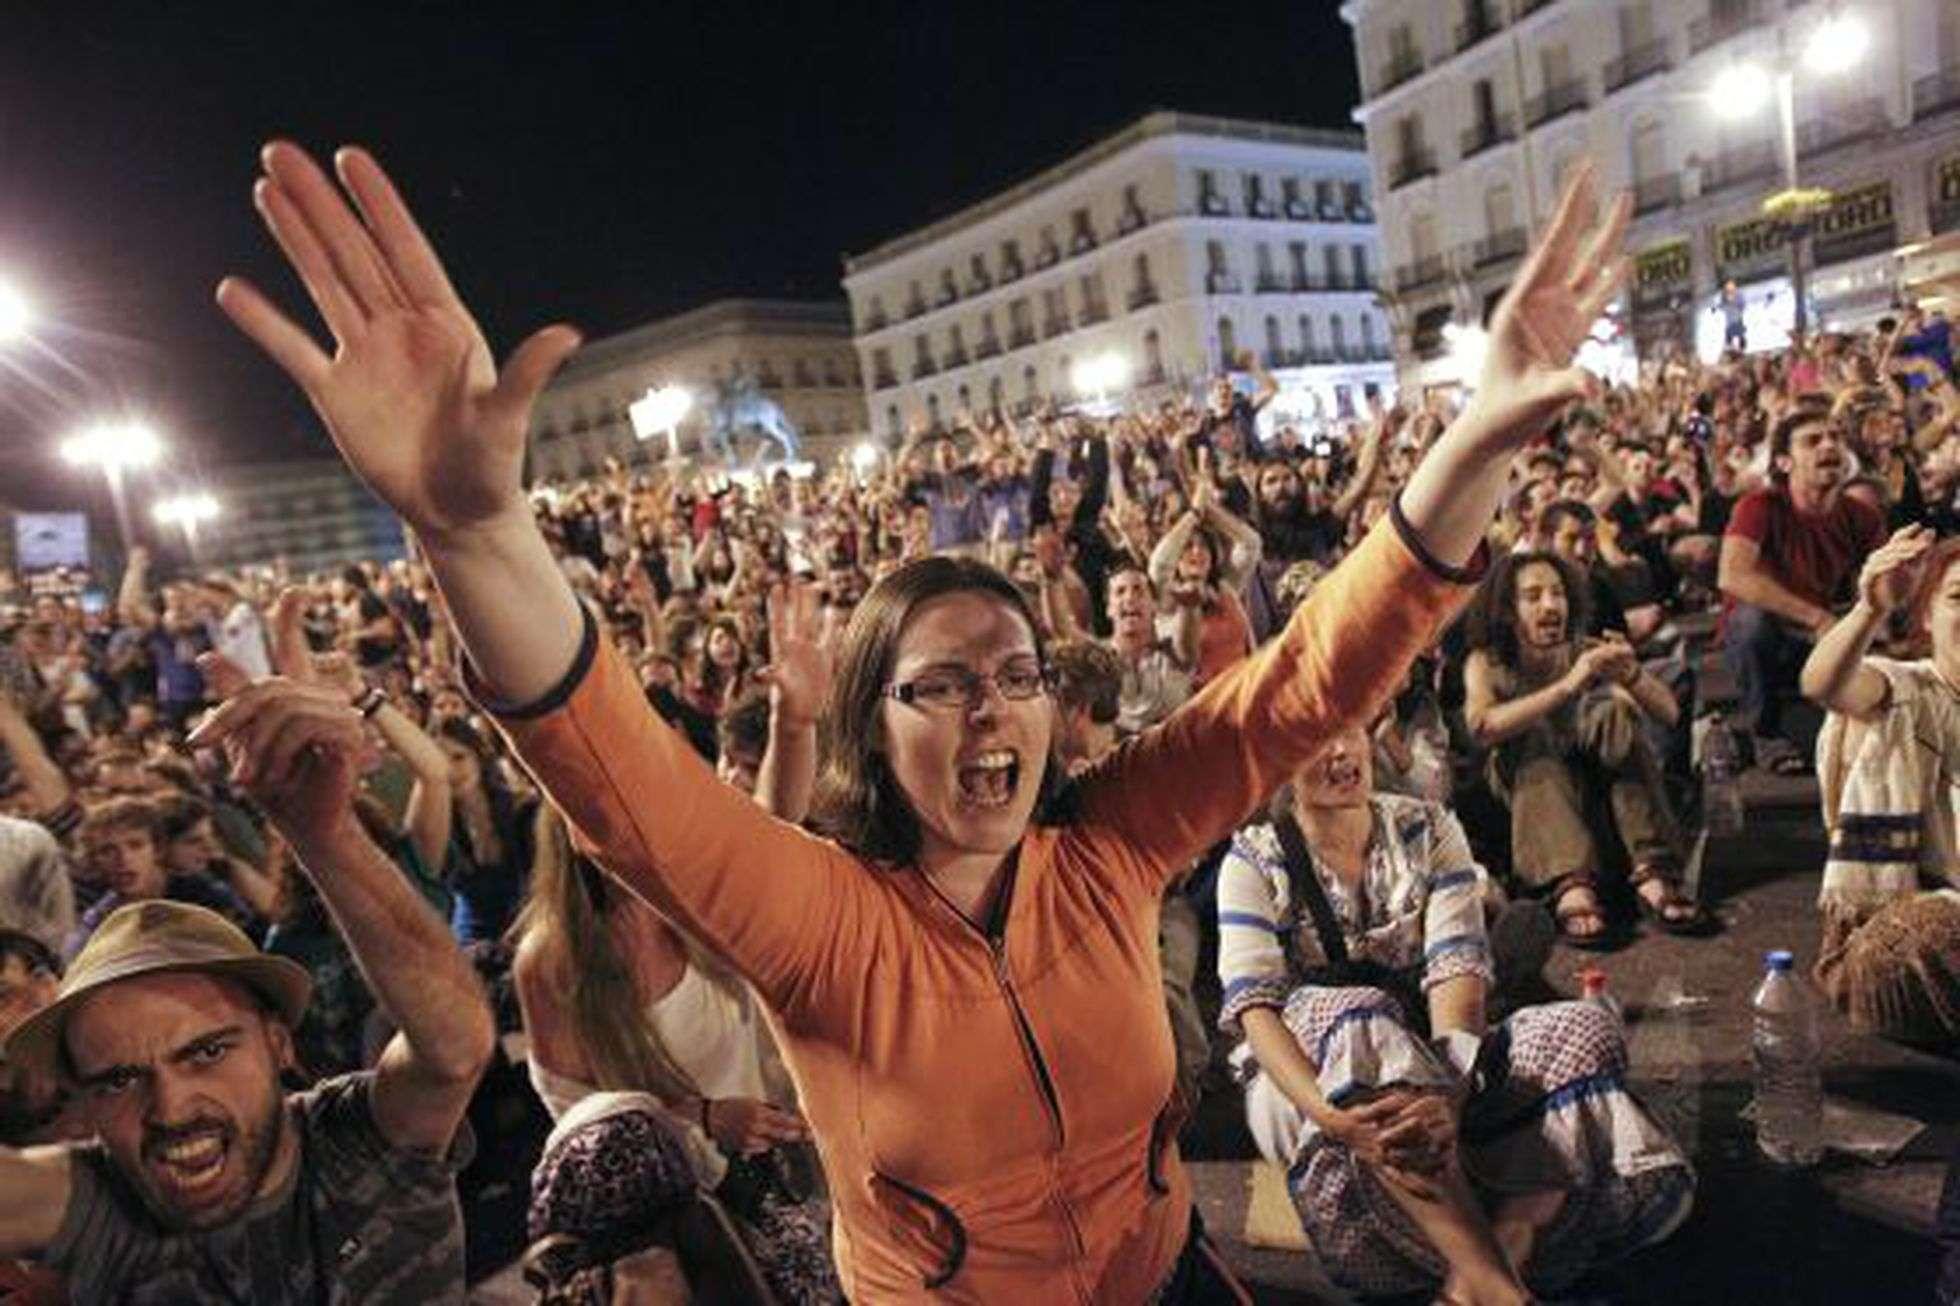 Acampada del 15-M en la Puerta del Sol de Madrid. LUIS SEVILLANO